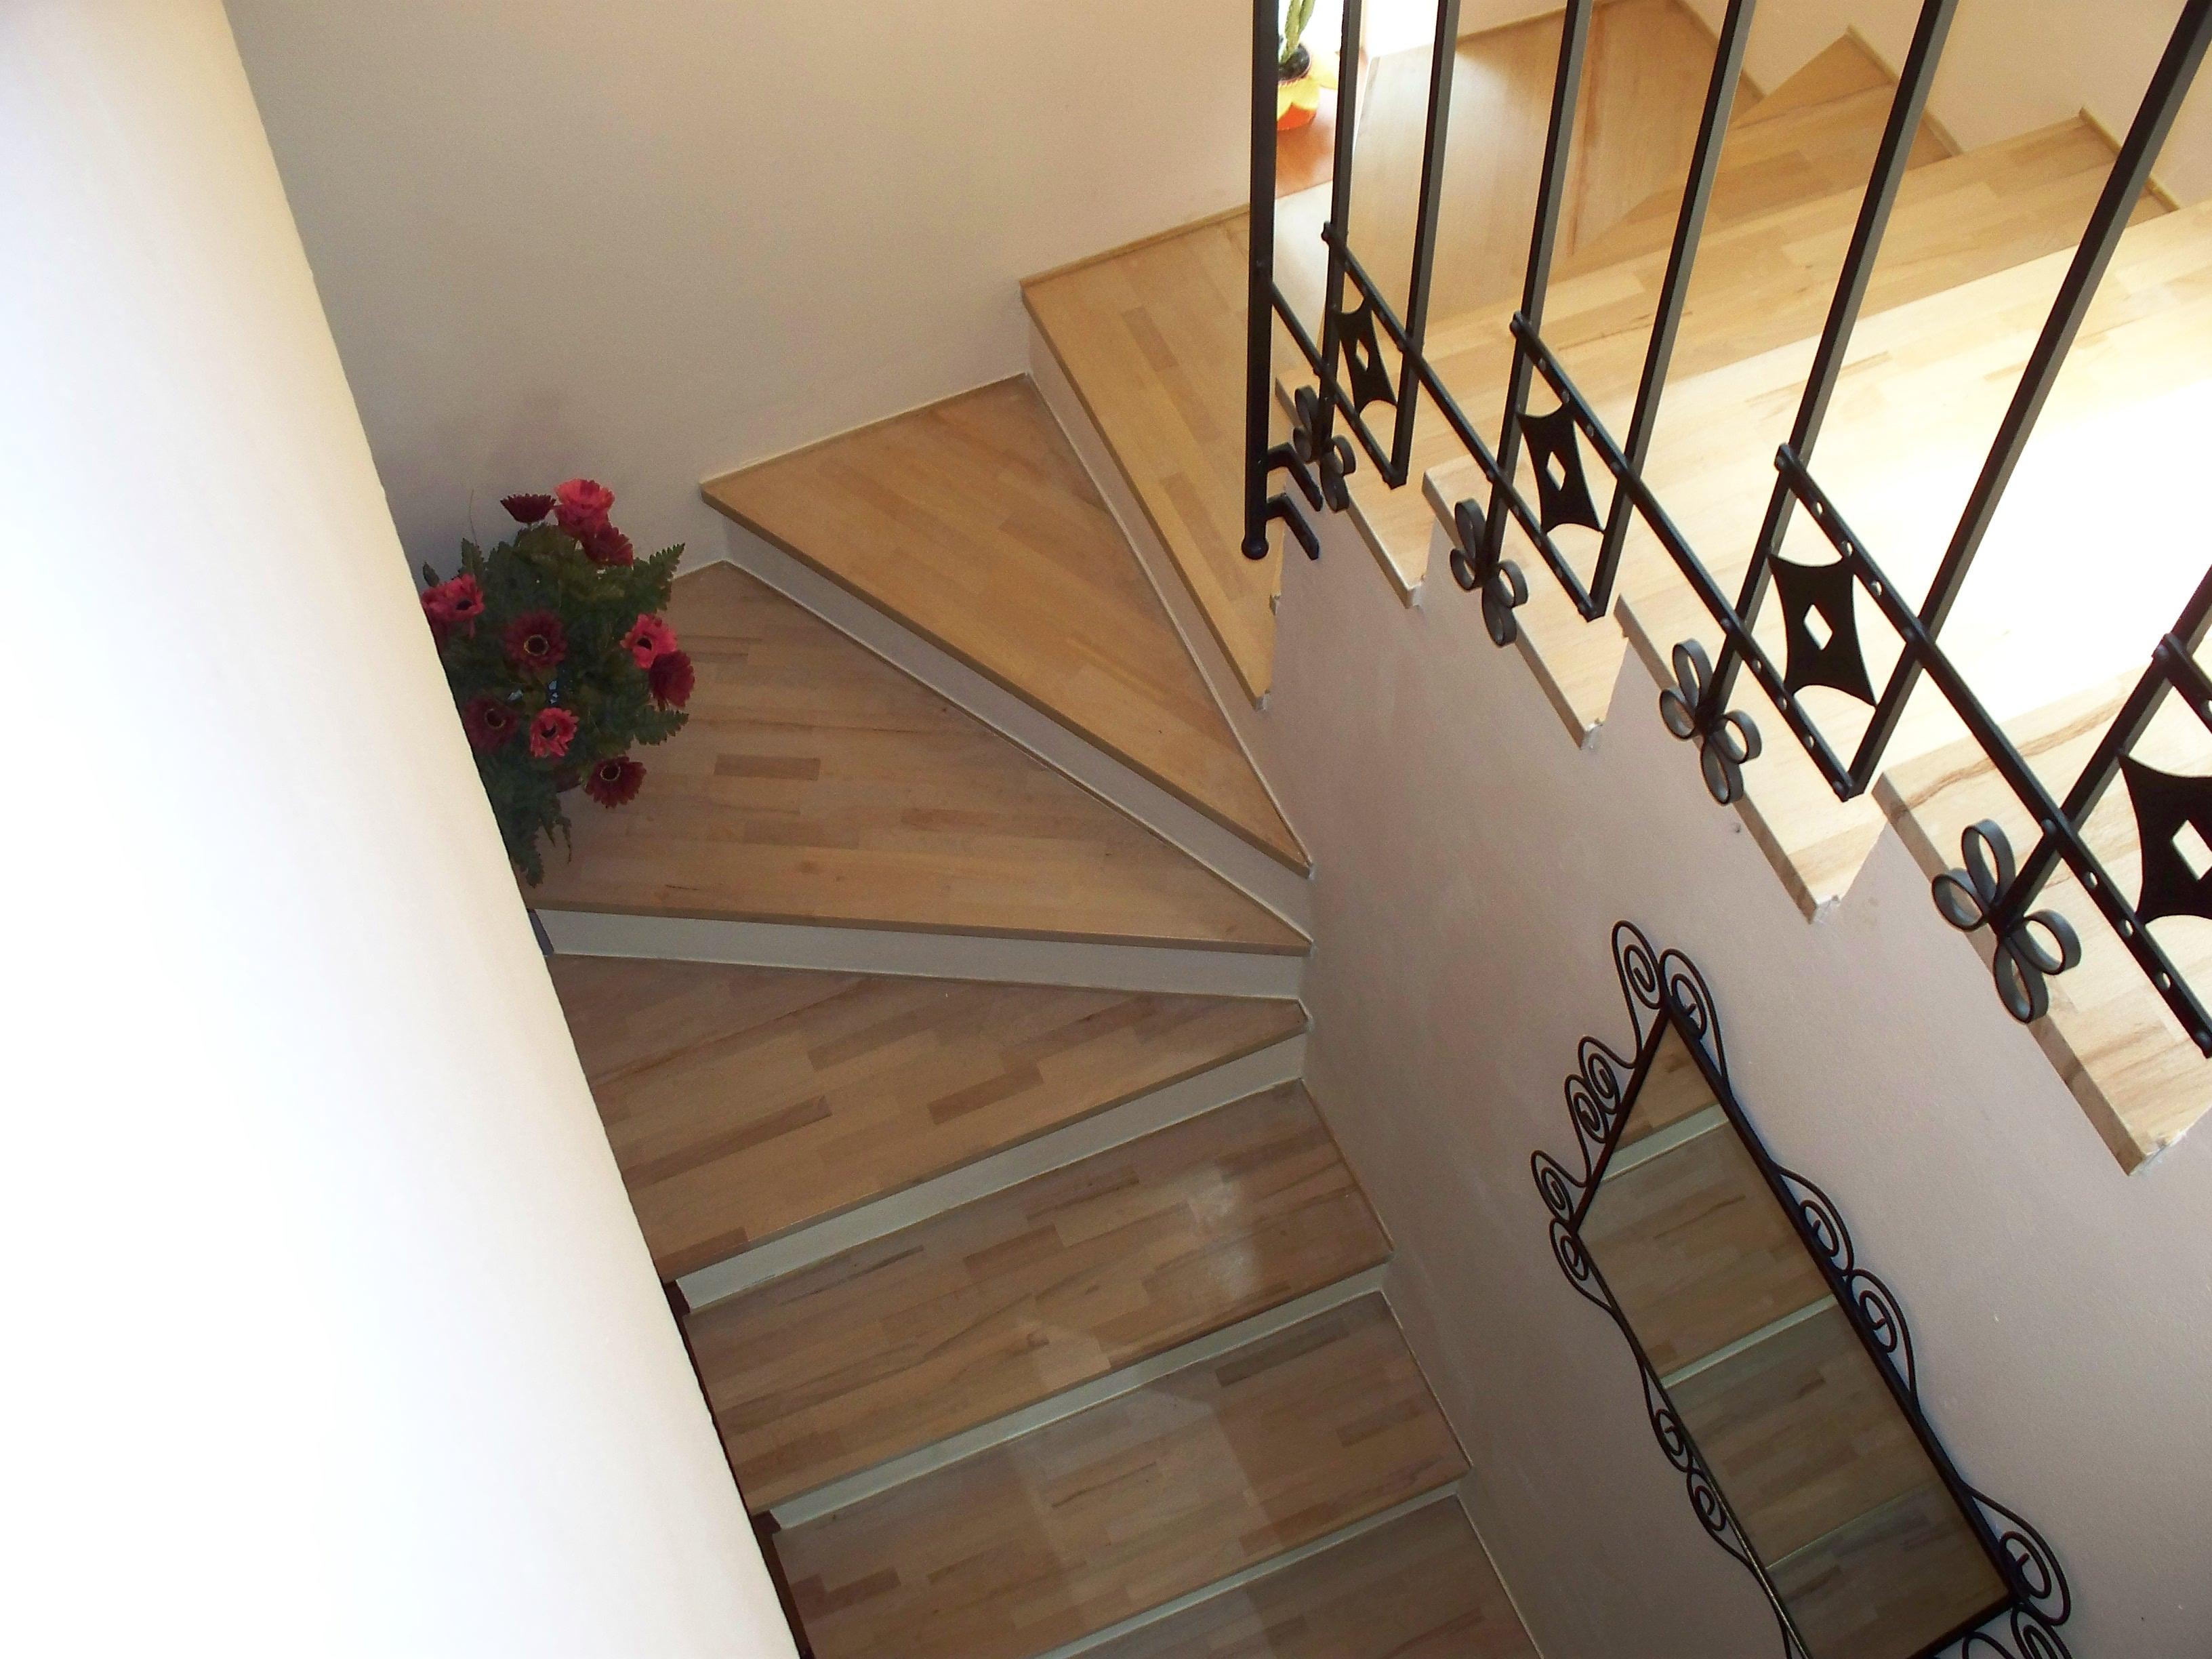 Muratura e interni come faccio a - Piastrelle scale interne ...